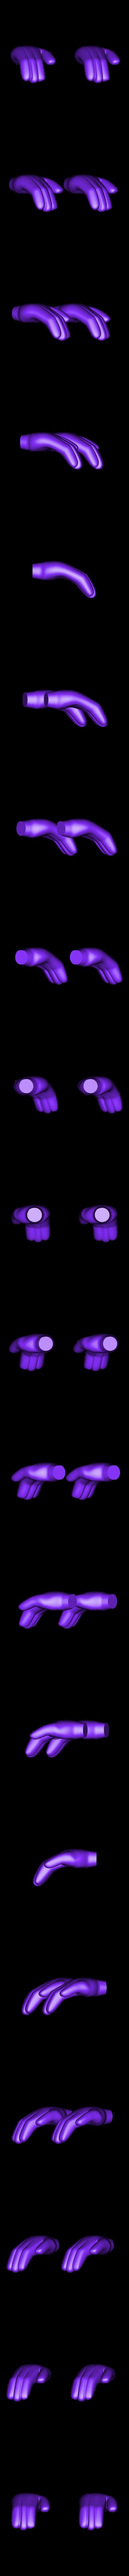 hands_right.stl Télécharger fichier STL gratuit La Chenille • Modèle pour imprimante 3D, reddadsteve